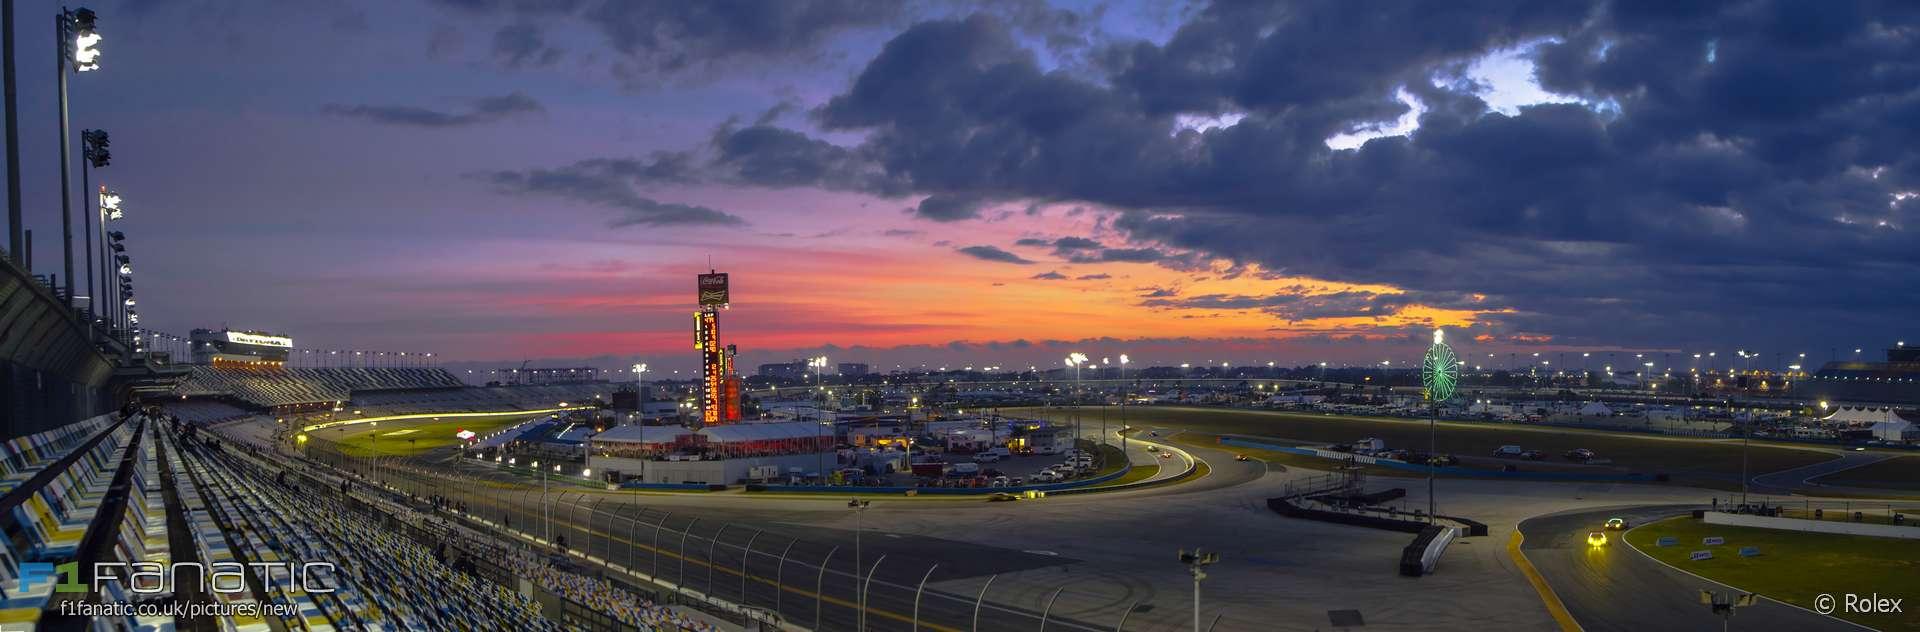 Daytona International Speedway, 2018